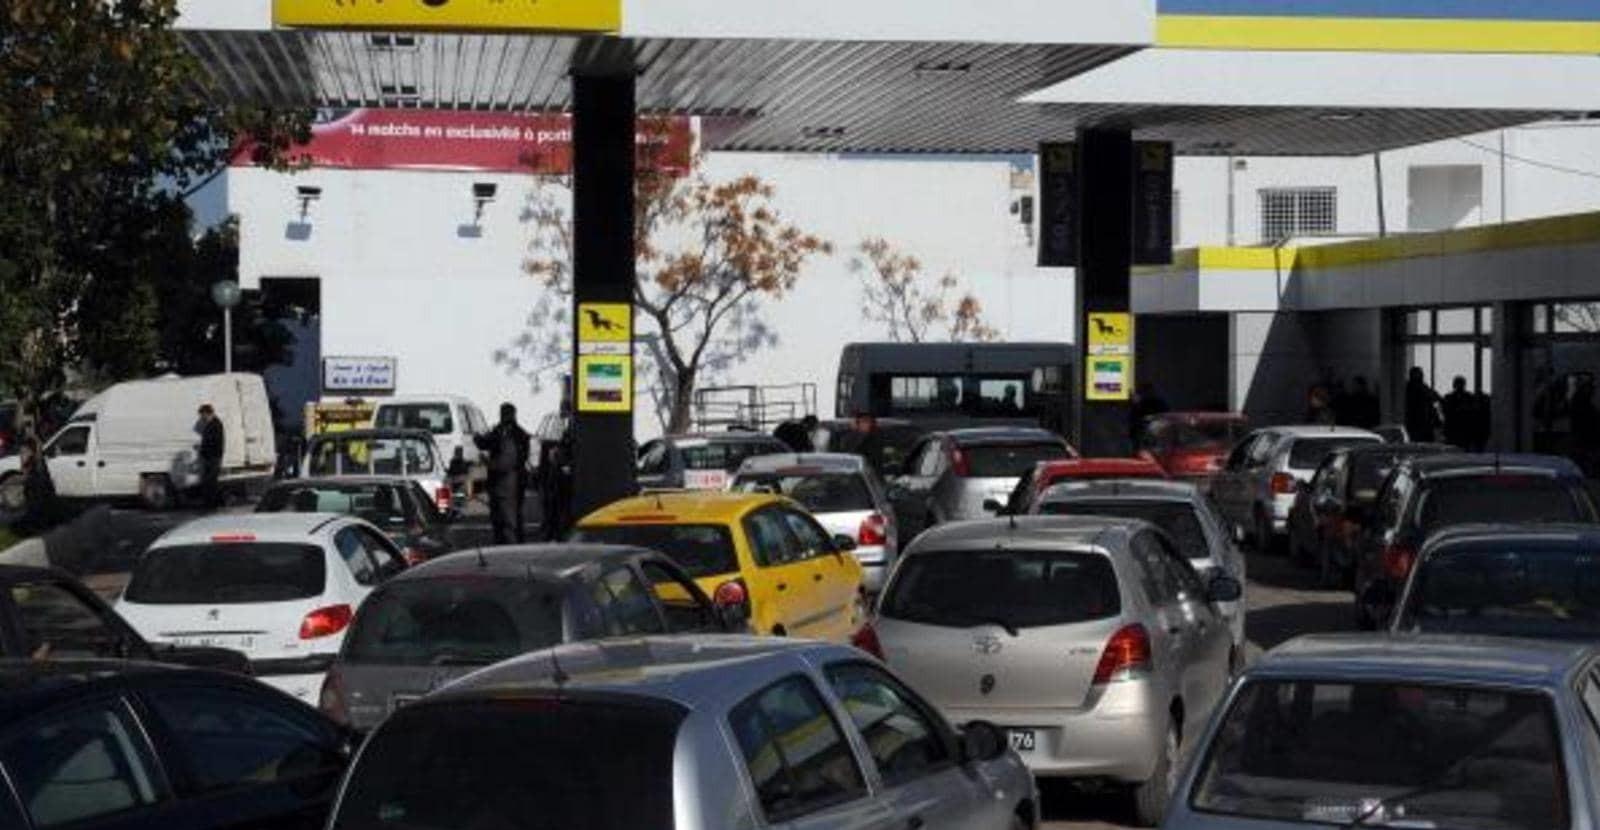 اتحاد الشغل: لم نُصدر أية برقية إضراب بمحطّات بيع الوقود